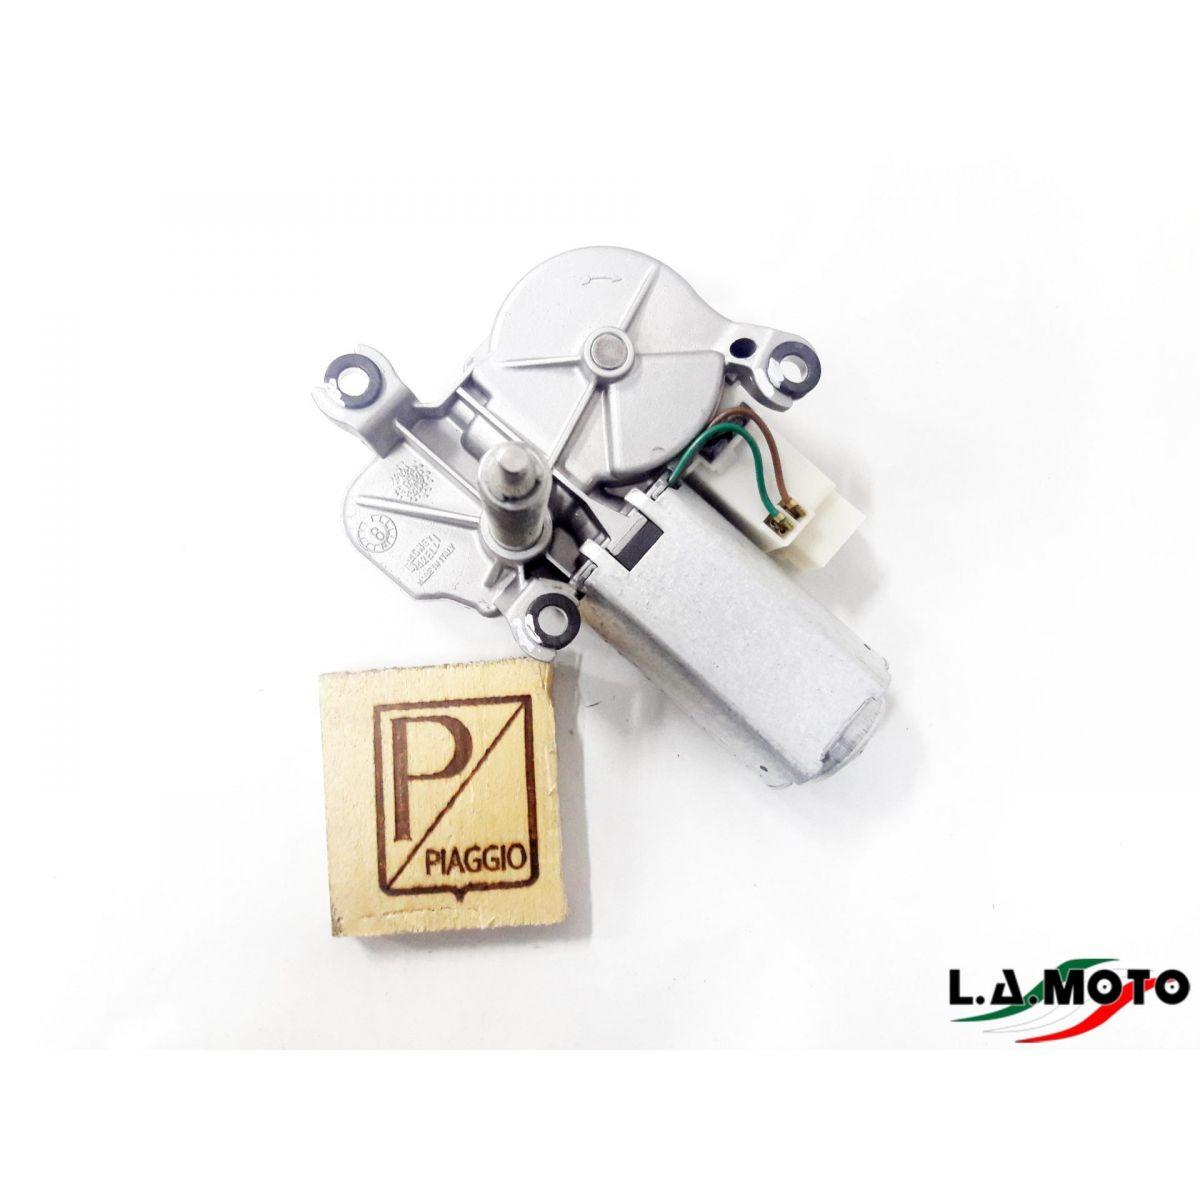 MOTORINO TERGICRISTALLO TM ORIGINALE PIAGGIO